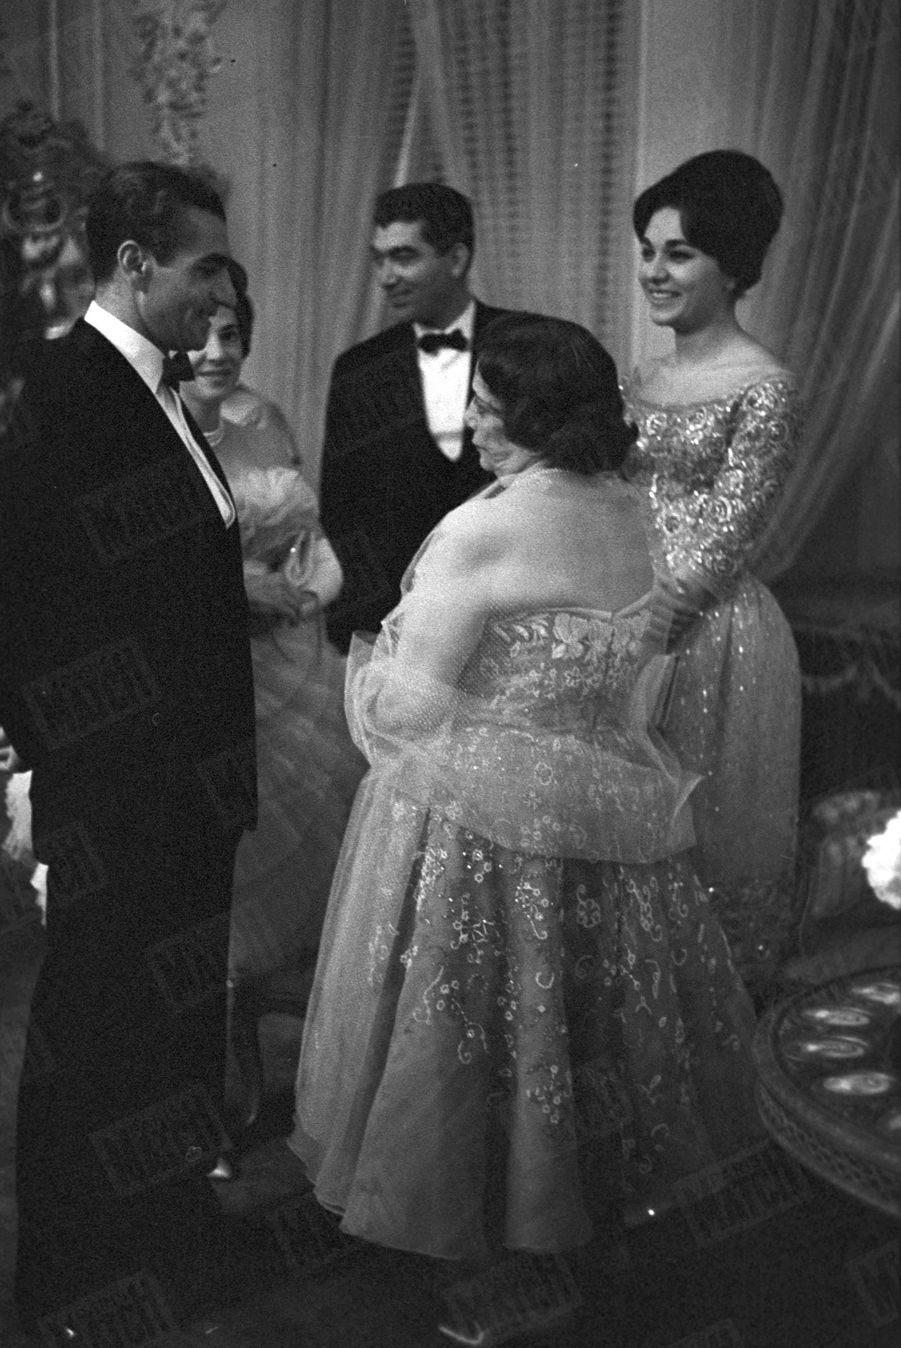 Le cocktail pour les fiançailles du Shah Mohammad Reza Pahlavi avec Farah Diba, à Téhéran, le 25 Novembre 1959. Le couple en compagnie dela reine mère Tadj ol-Molouk Ayromlou.